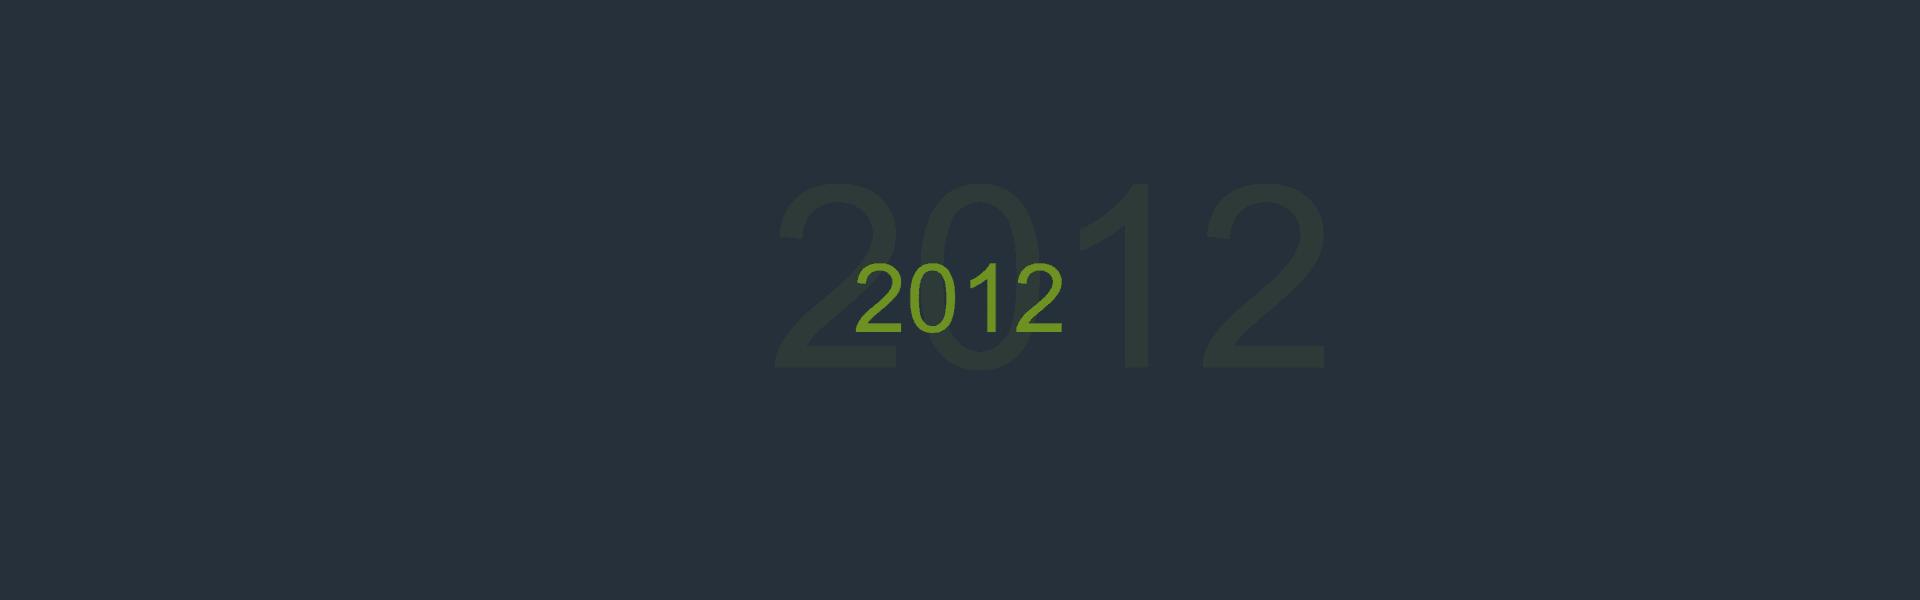 SEO-Konferenzen im Jahr 2012